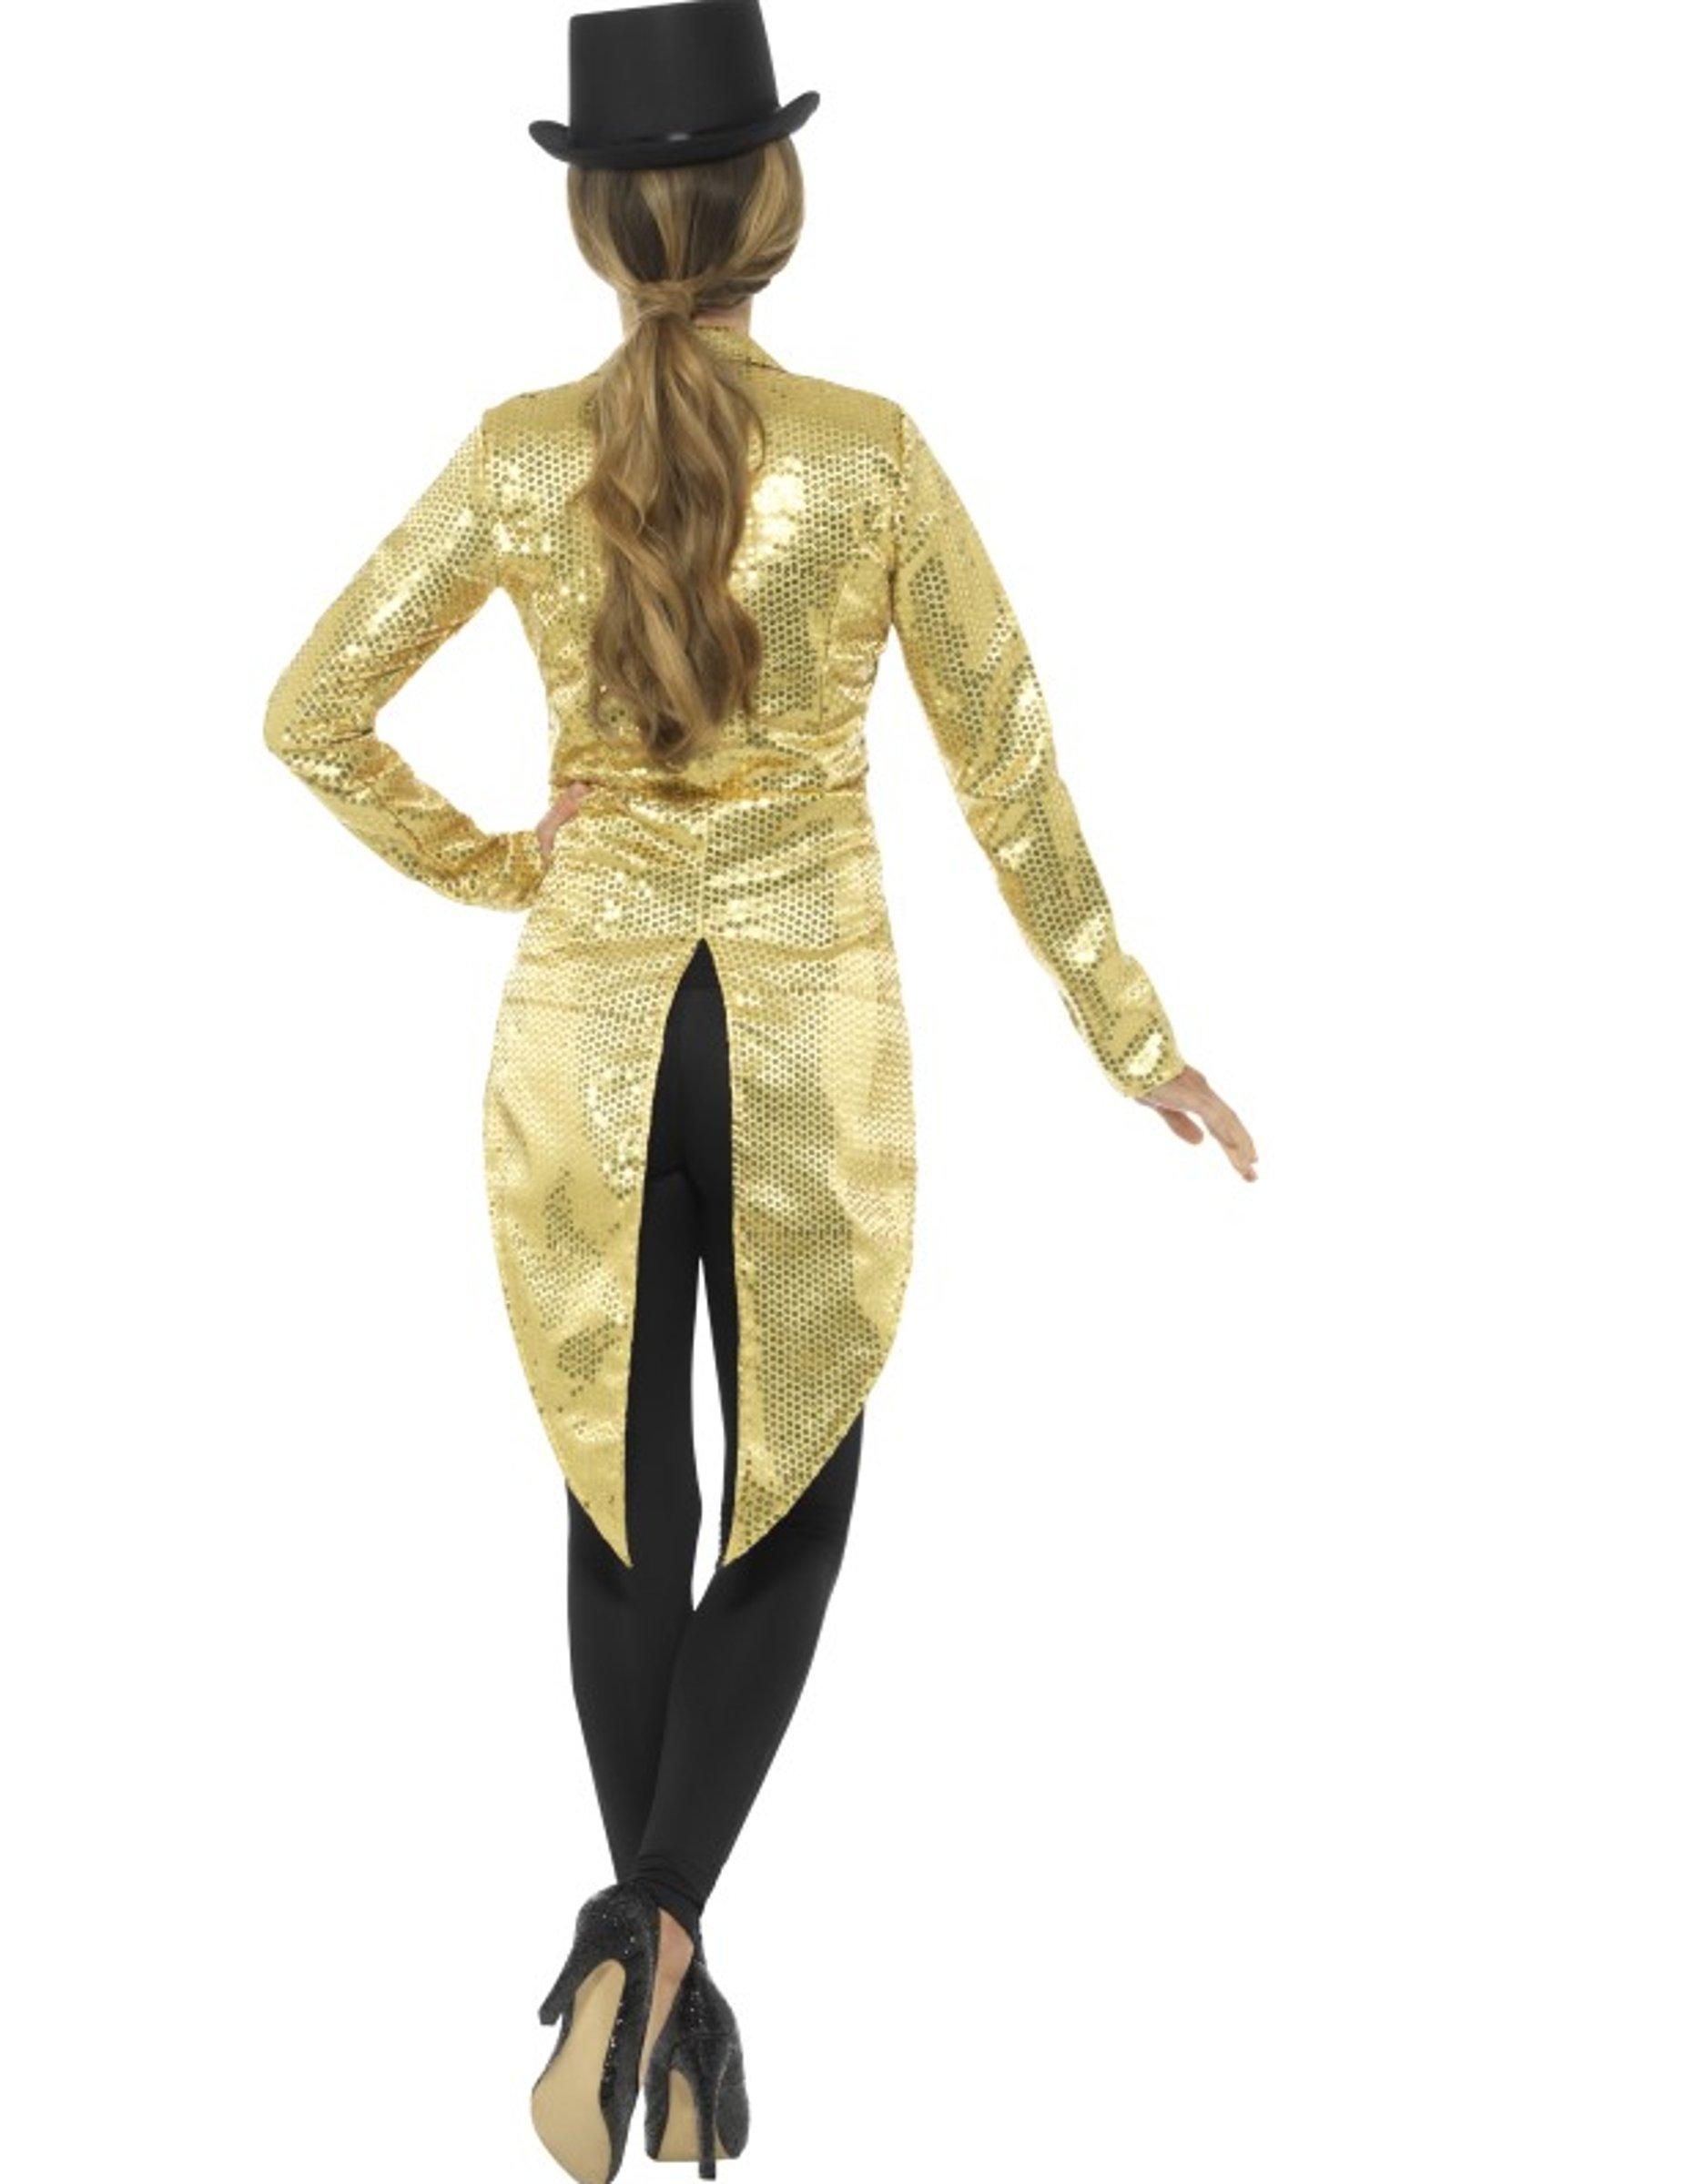 goldene paillettenbluse f r die frau kost me f r. Black Bedroom Furniture Sets. Home Design Ideas